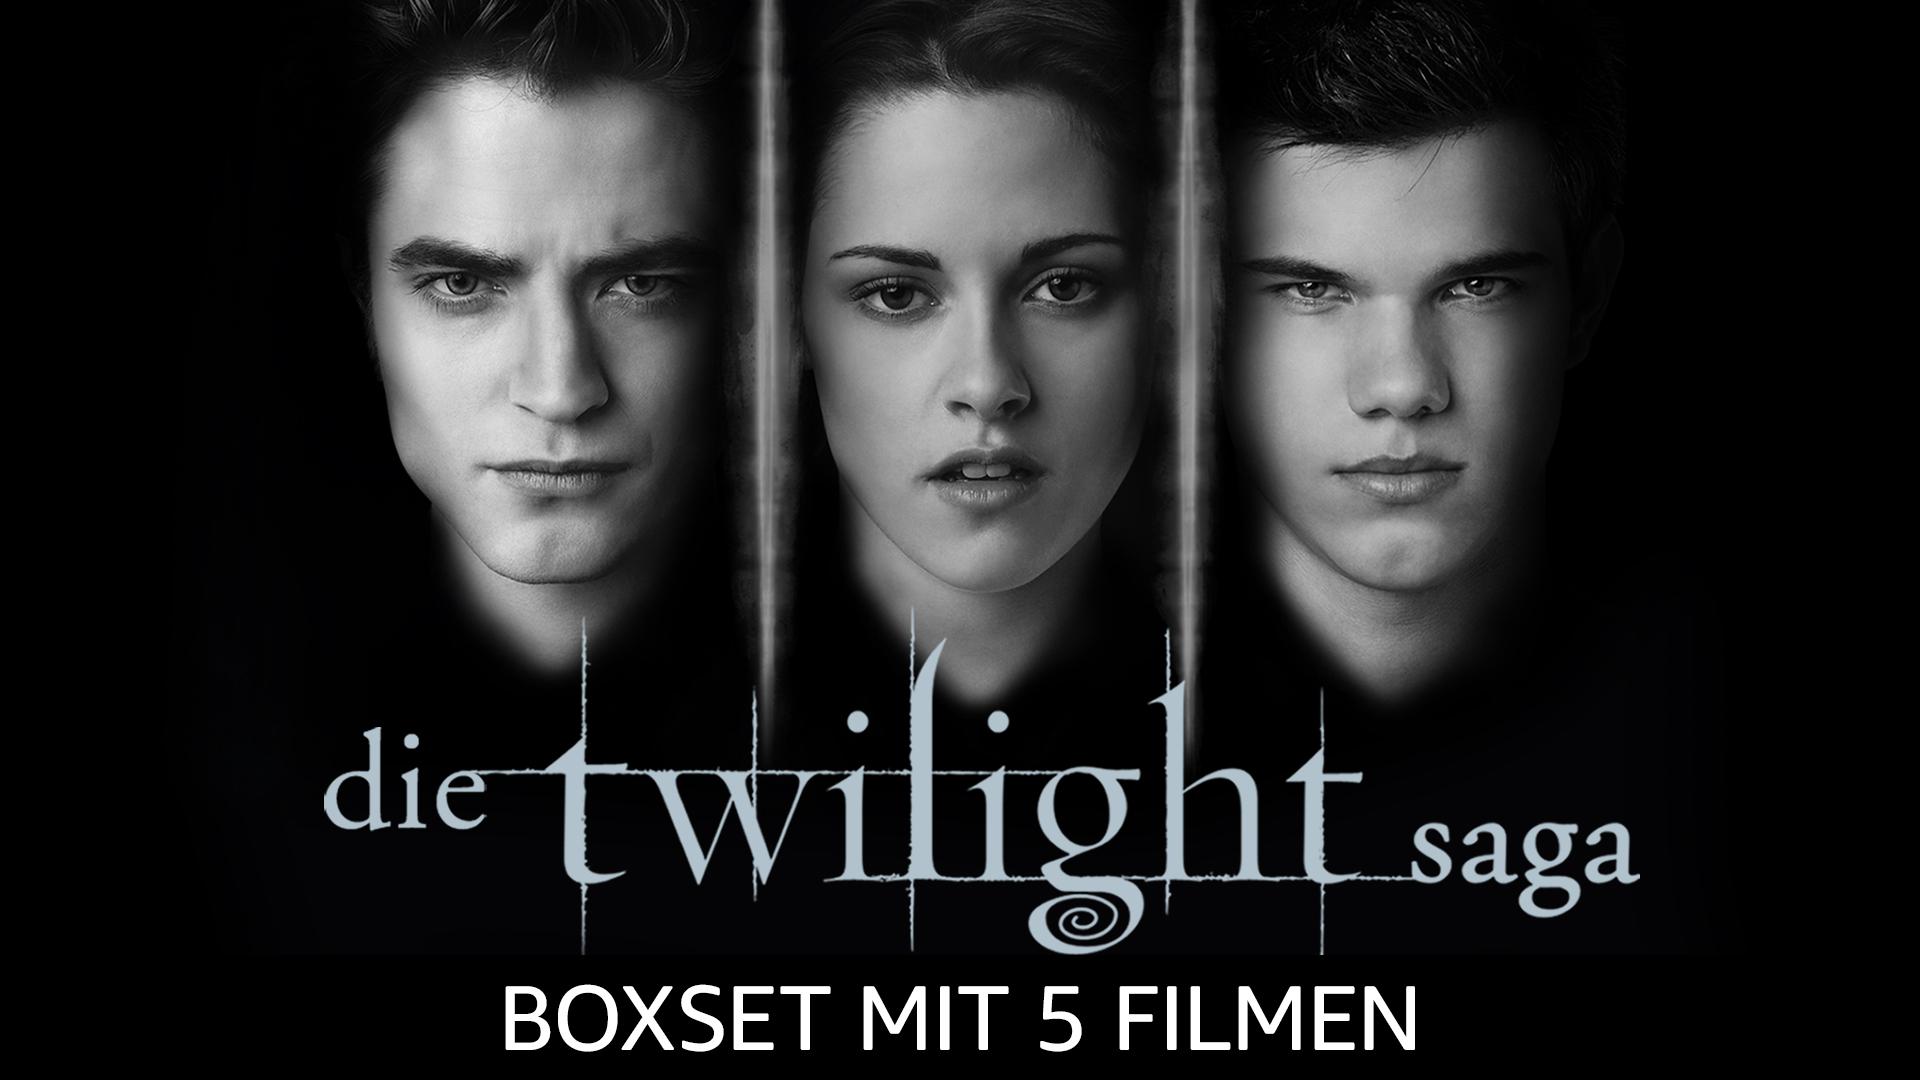 Die Twilight Saga - Das 5er Film-Boxset